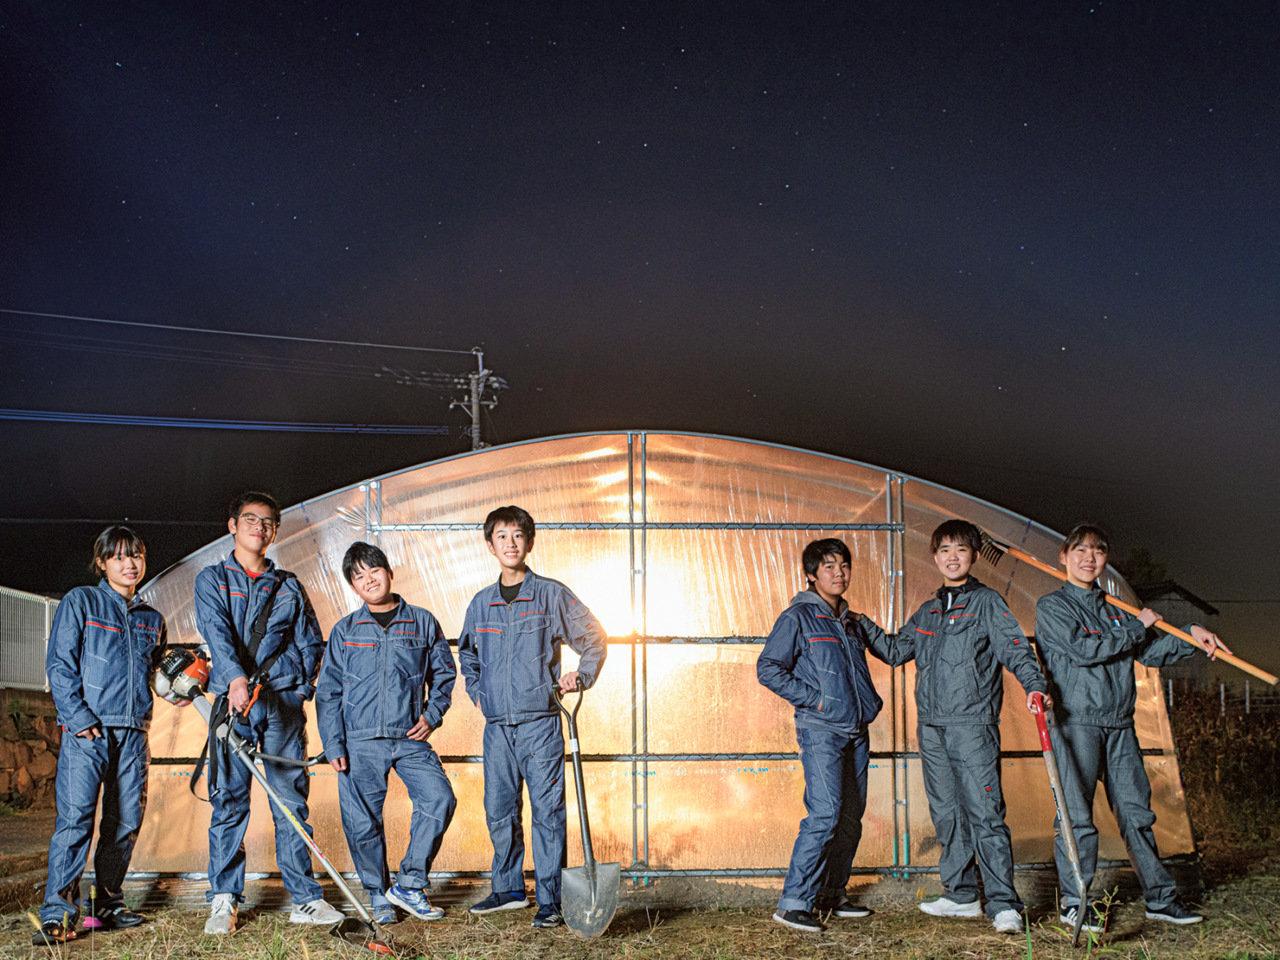 中学生がつくった会社『氷川のぎろっちょ』が挑戦する、「新・ムーンライト伝説」プロジェクト!